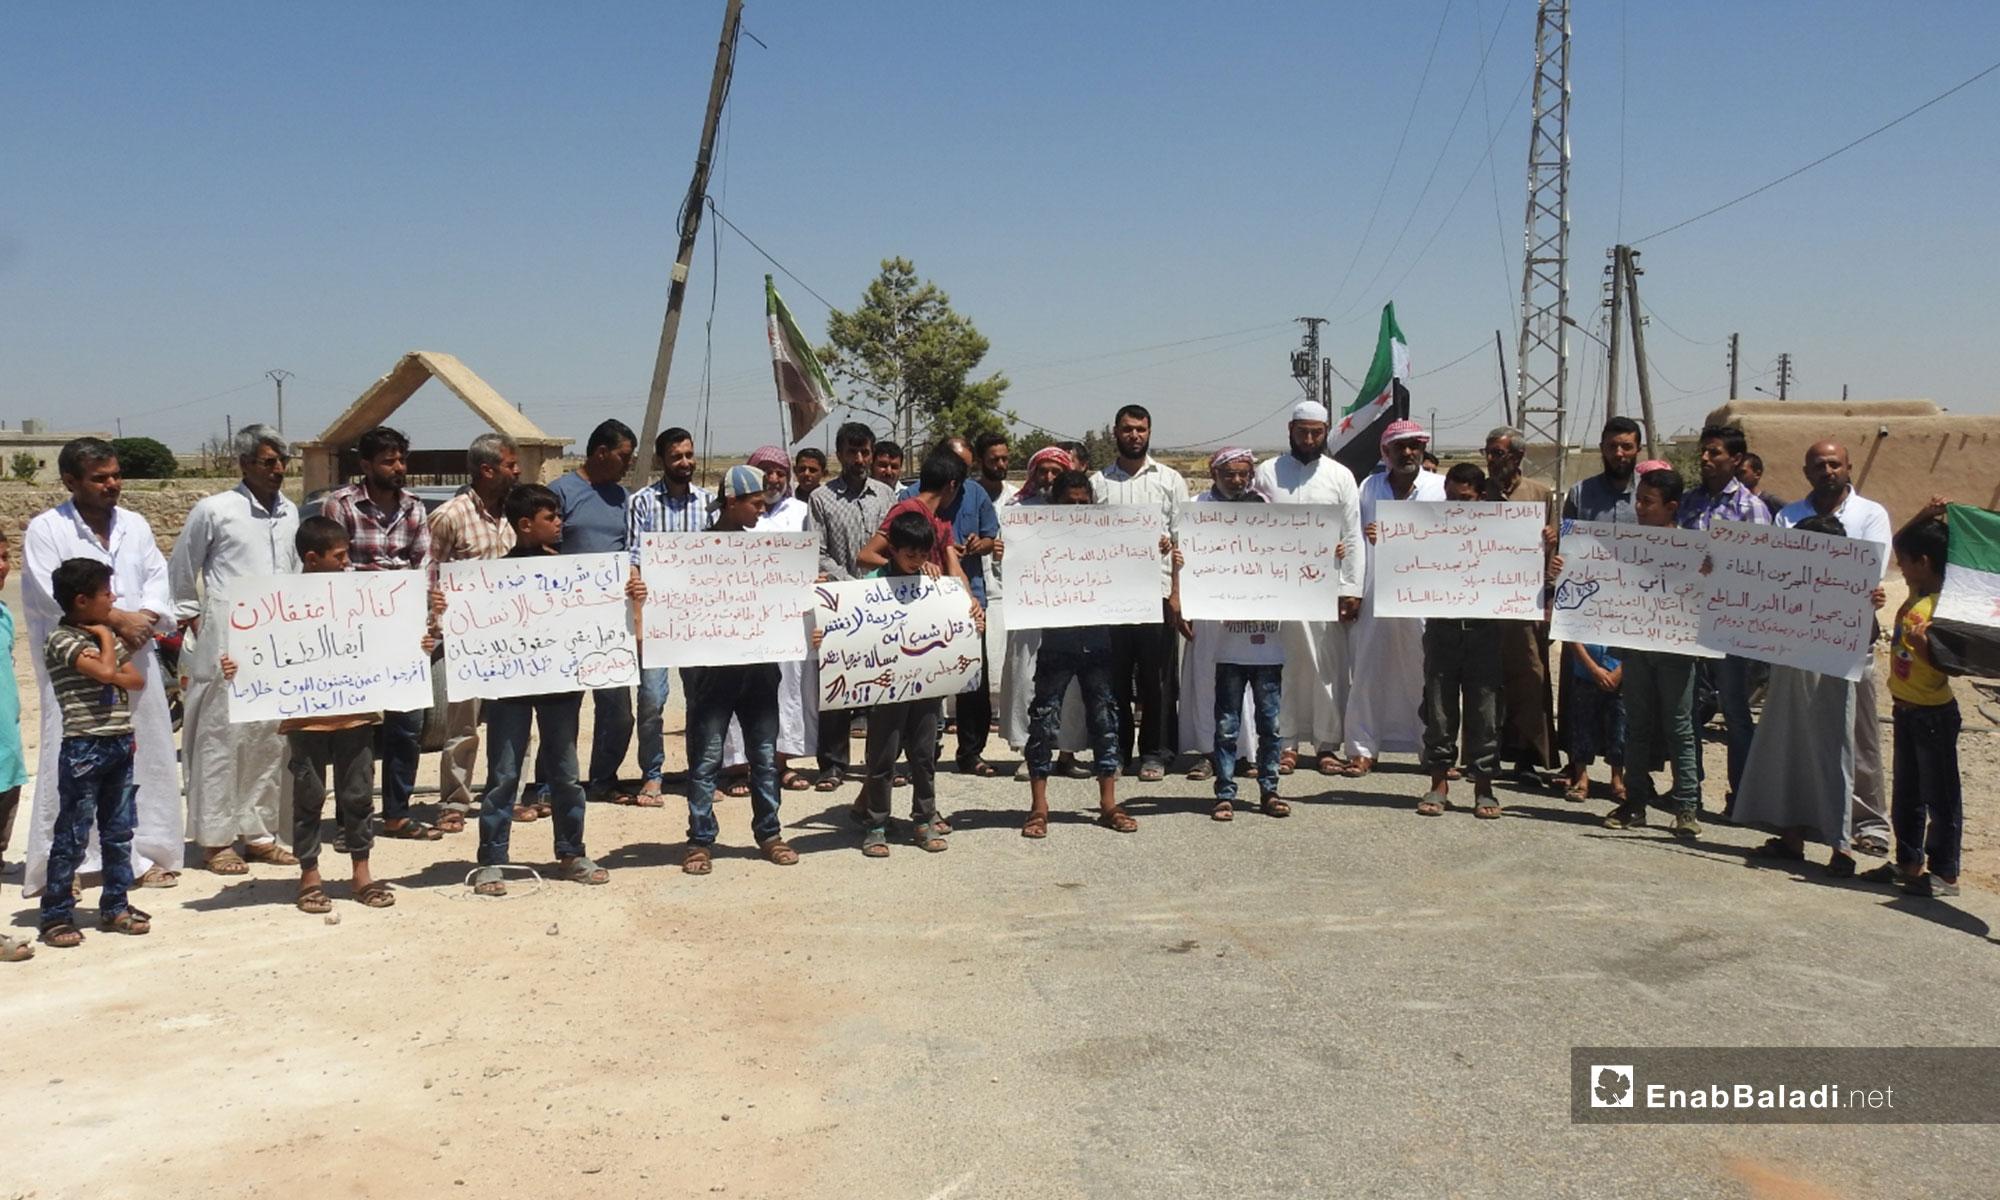 وقفة تضامنية لأجل المعتقلين السوريين في بلدة صندرة بريف حلب الشمالي - 10 من آب 2018 (عنب بلدي)